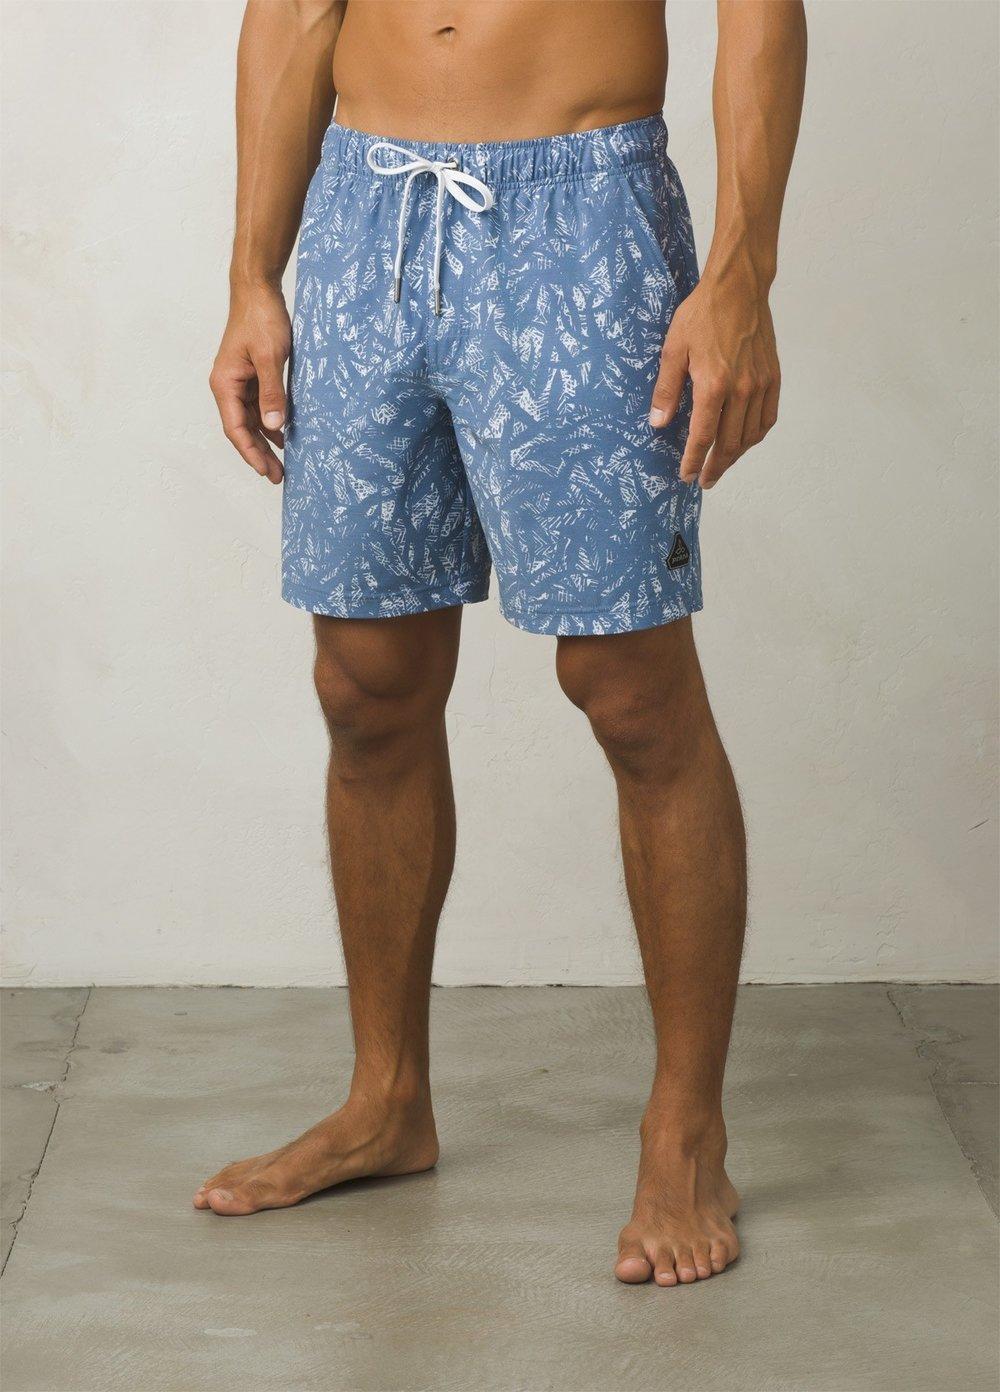 Ethical Men's Swimwear